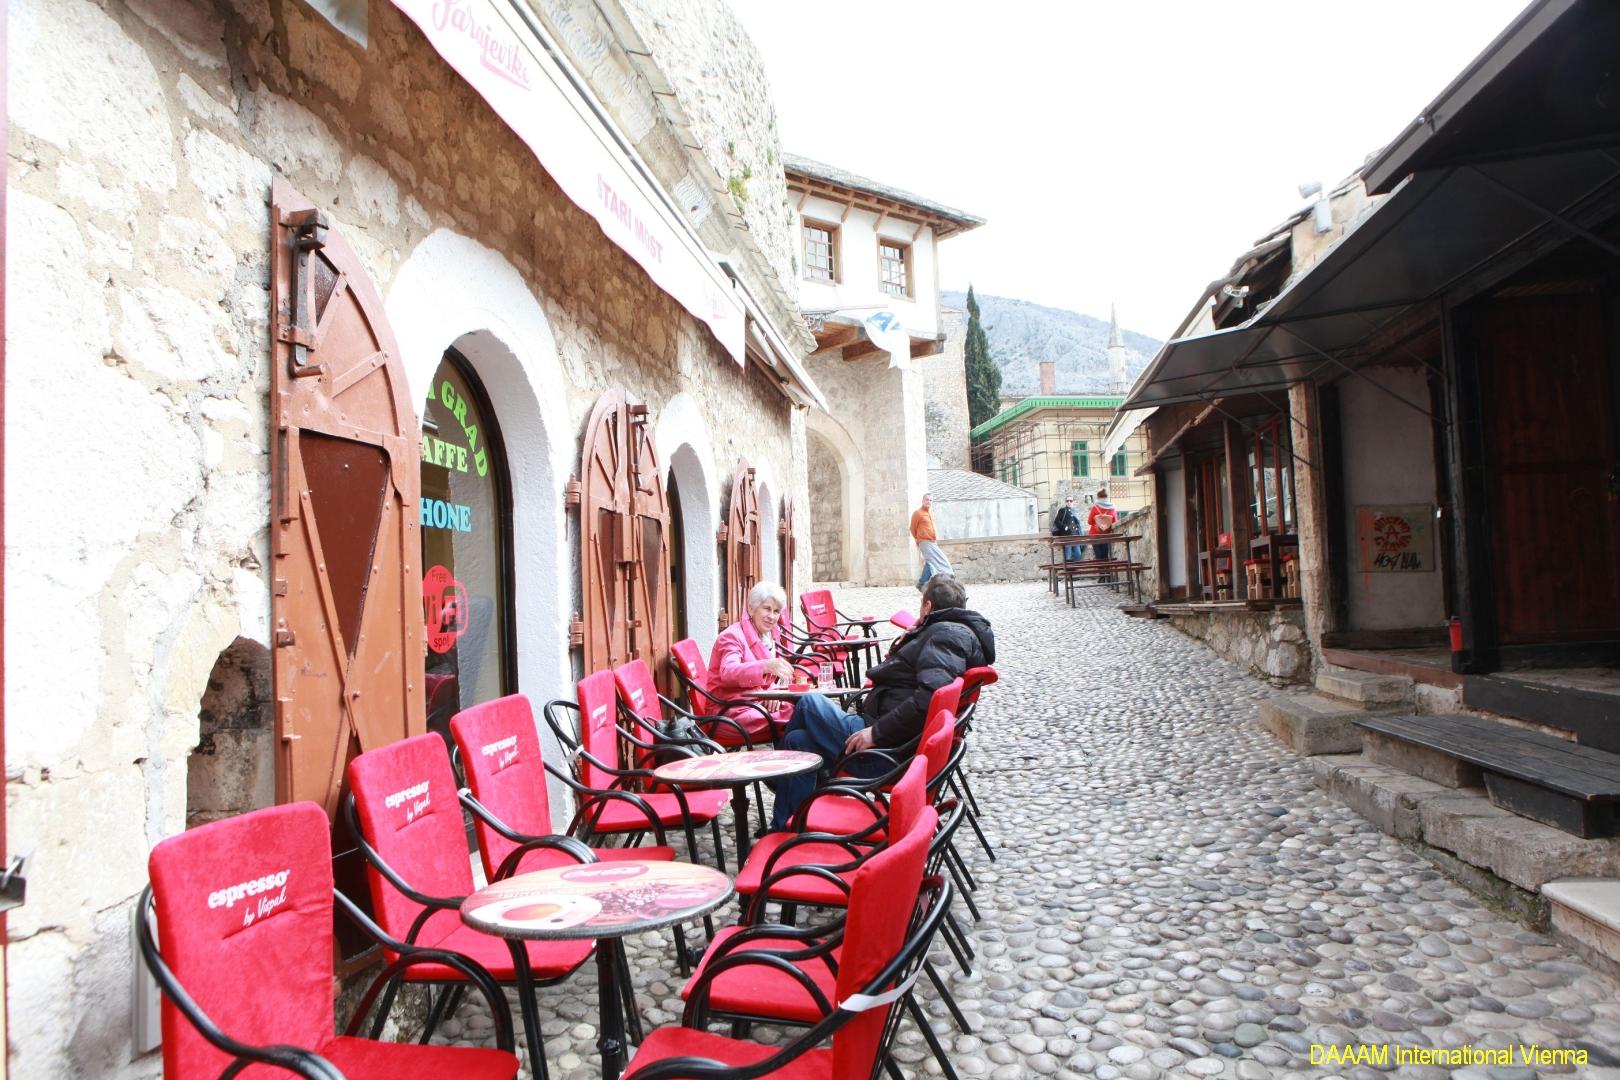 DAAAM_2016_Mostar_01_Magic_City_of_Mostar_052